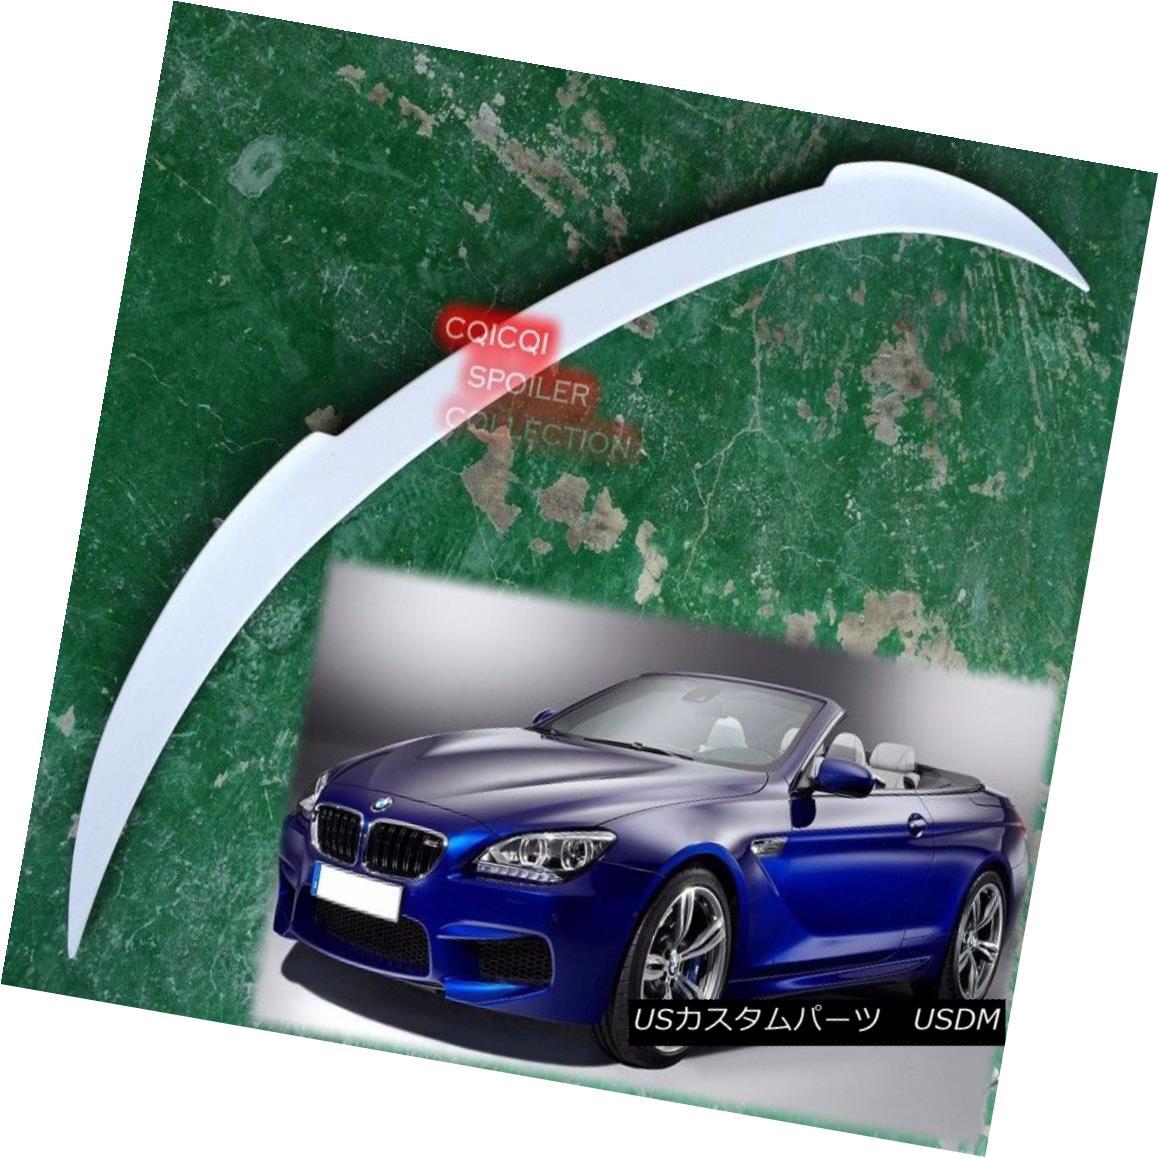 エアロパーツ Painted BMW 2012-2017 F12 6-series convertible V type trunk spoiler all color ◎ ペイントされたBMW 2012-2017 F12 6シリーズコンバーチブルVタイプのトランクスポイラーはすべての色ですか?